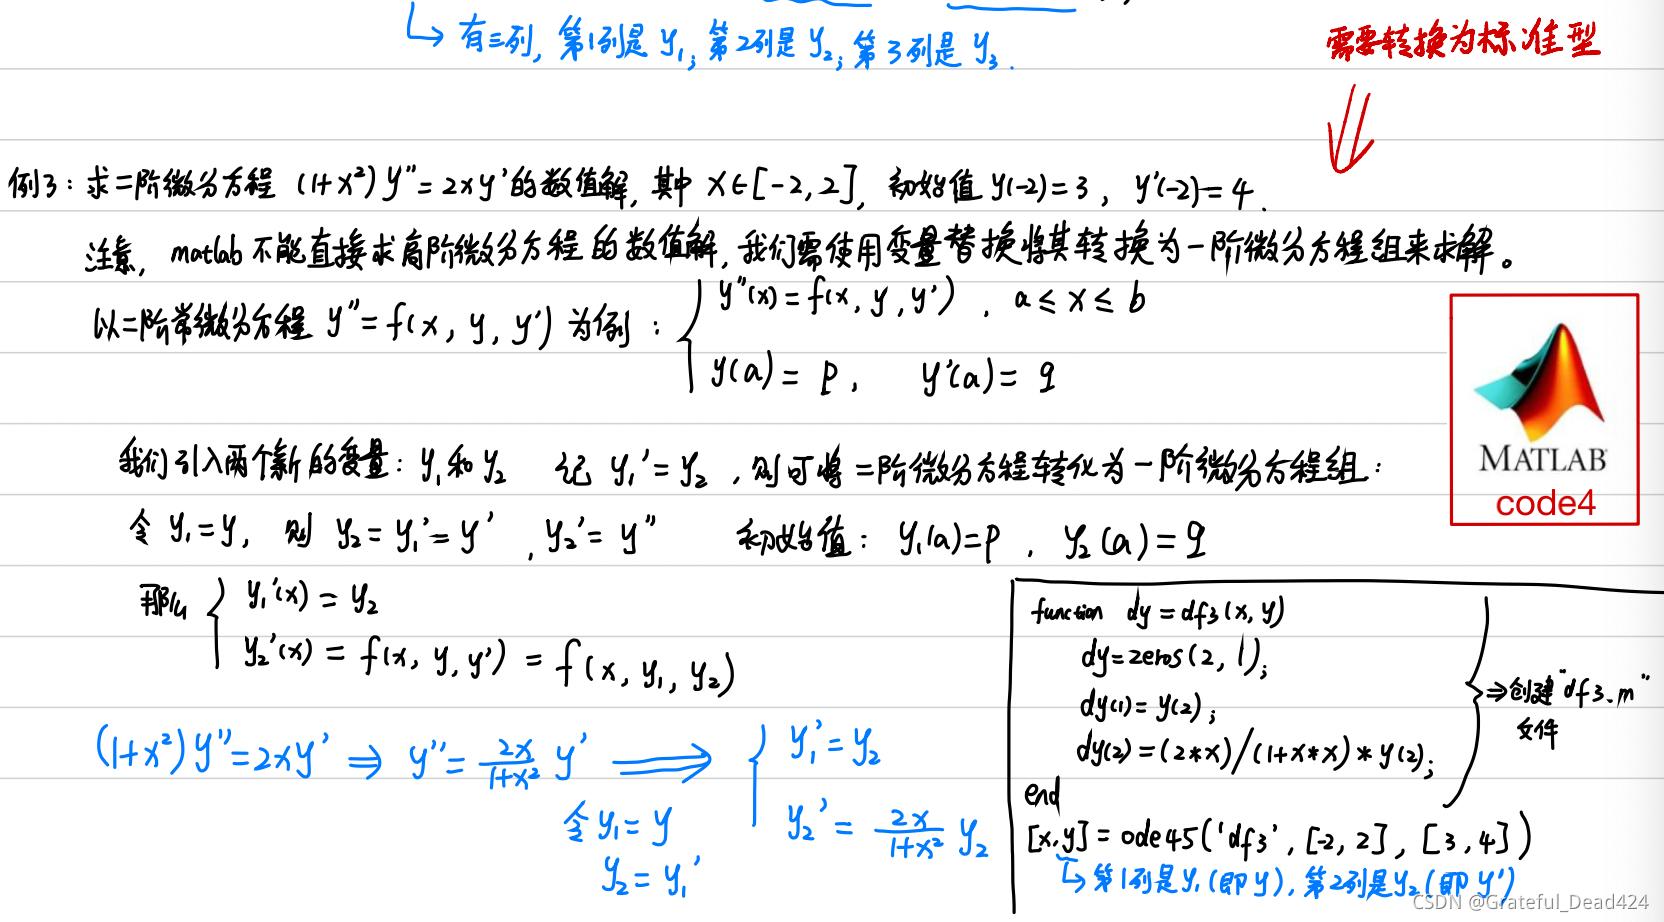 数学建模学习笔记——微分方程建模